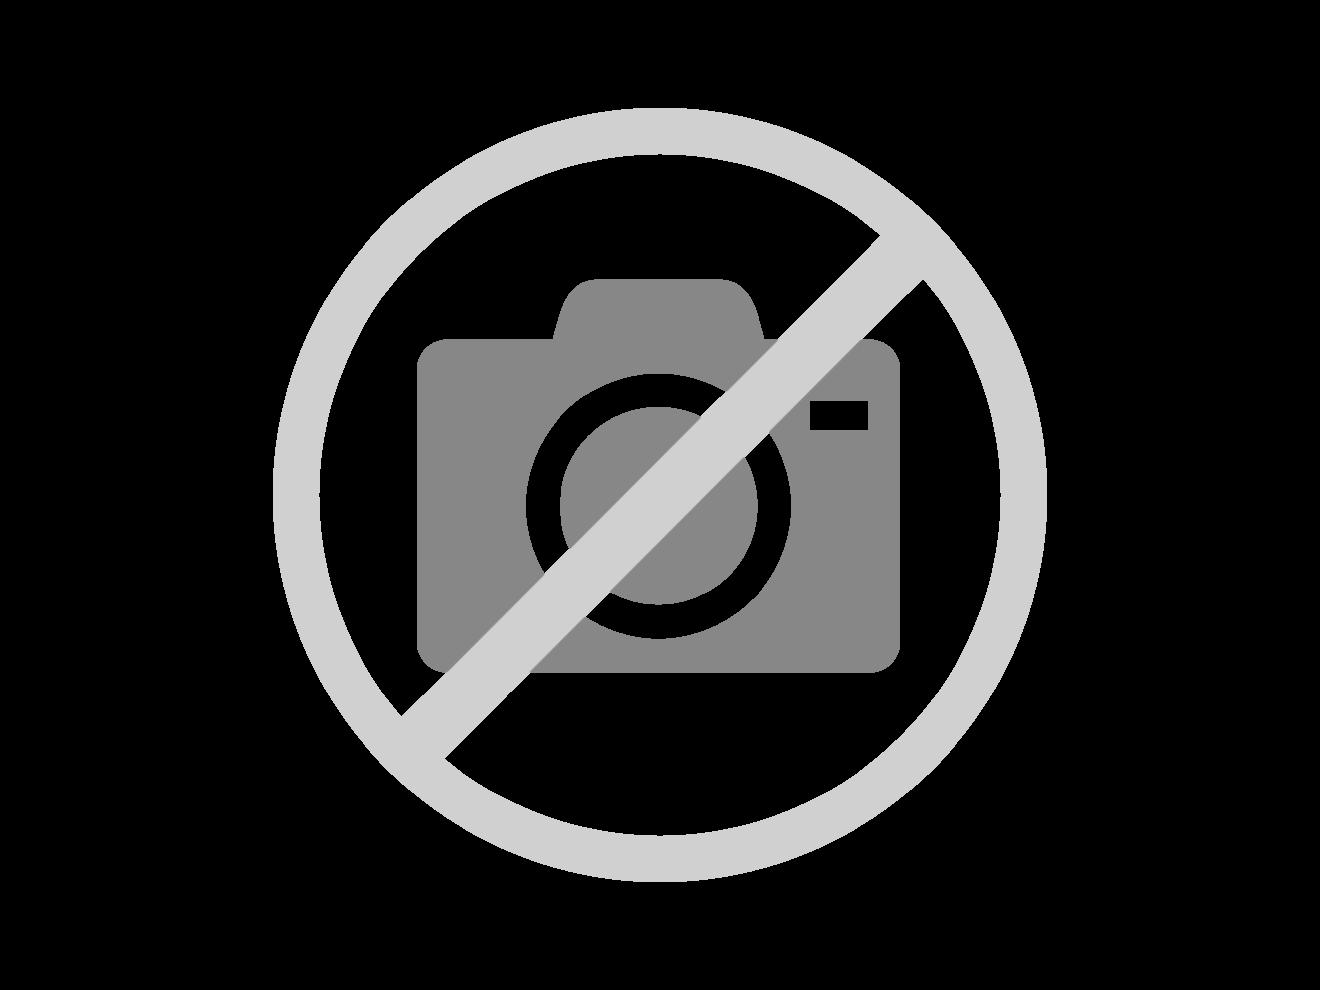 pflanzkasten mit pflanzeinsatz heimisches holz made in germany. Black Bedroom Furniture Sets. Home Design Ideas